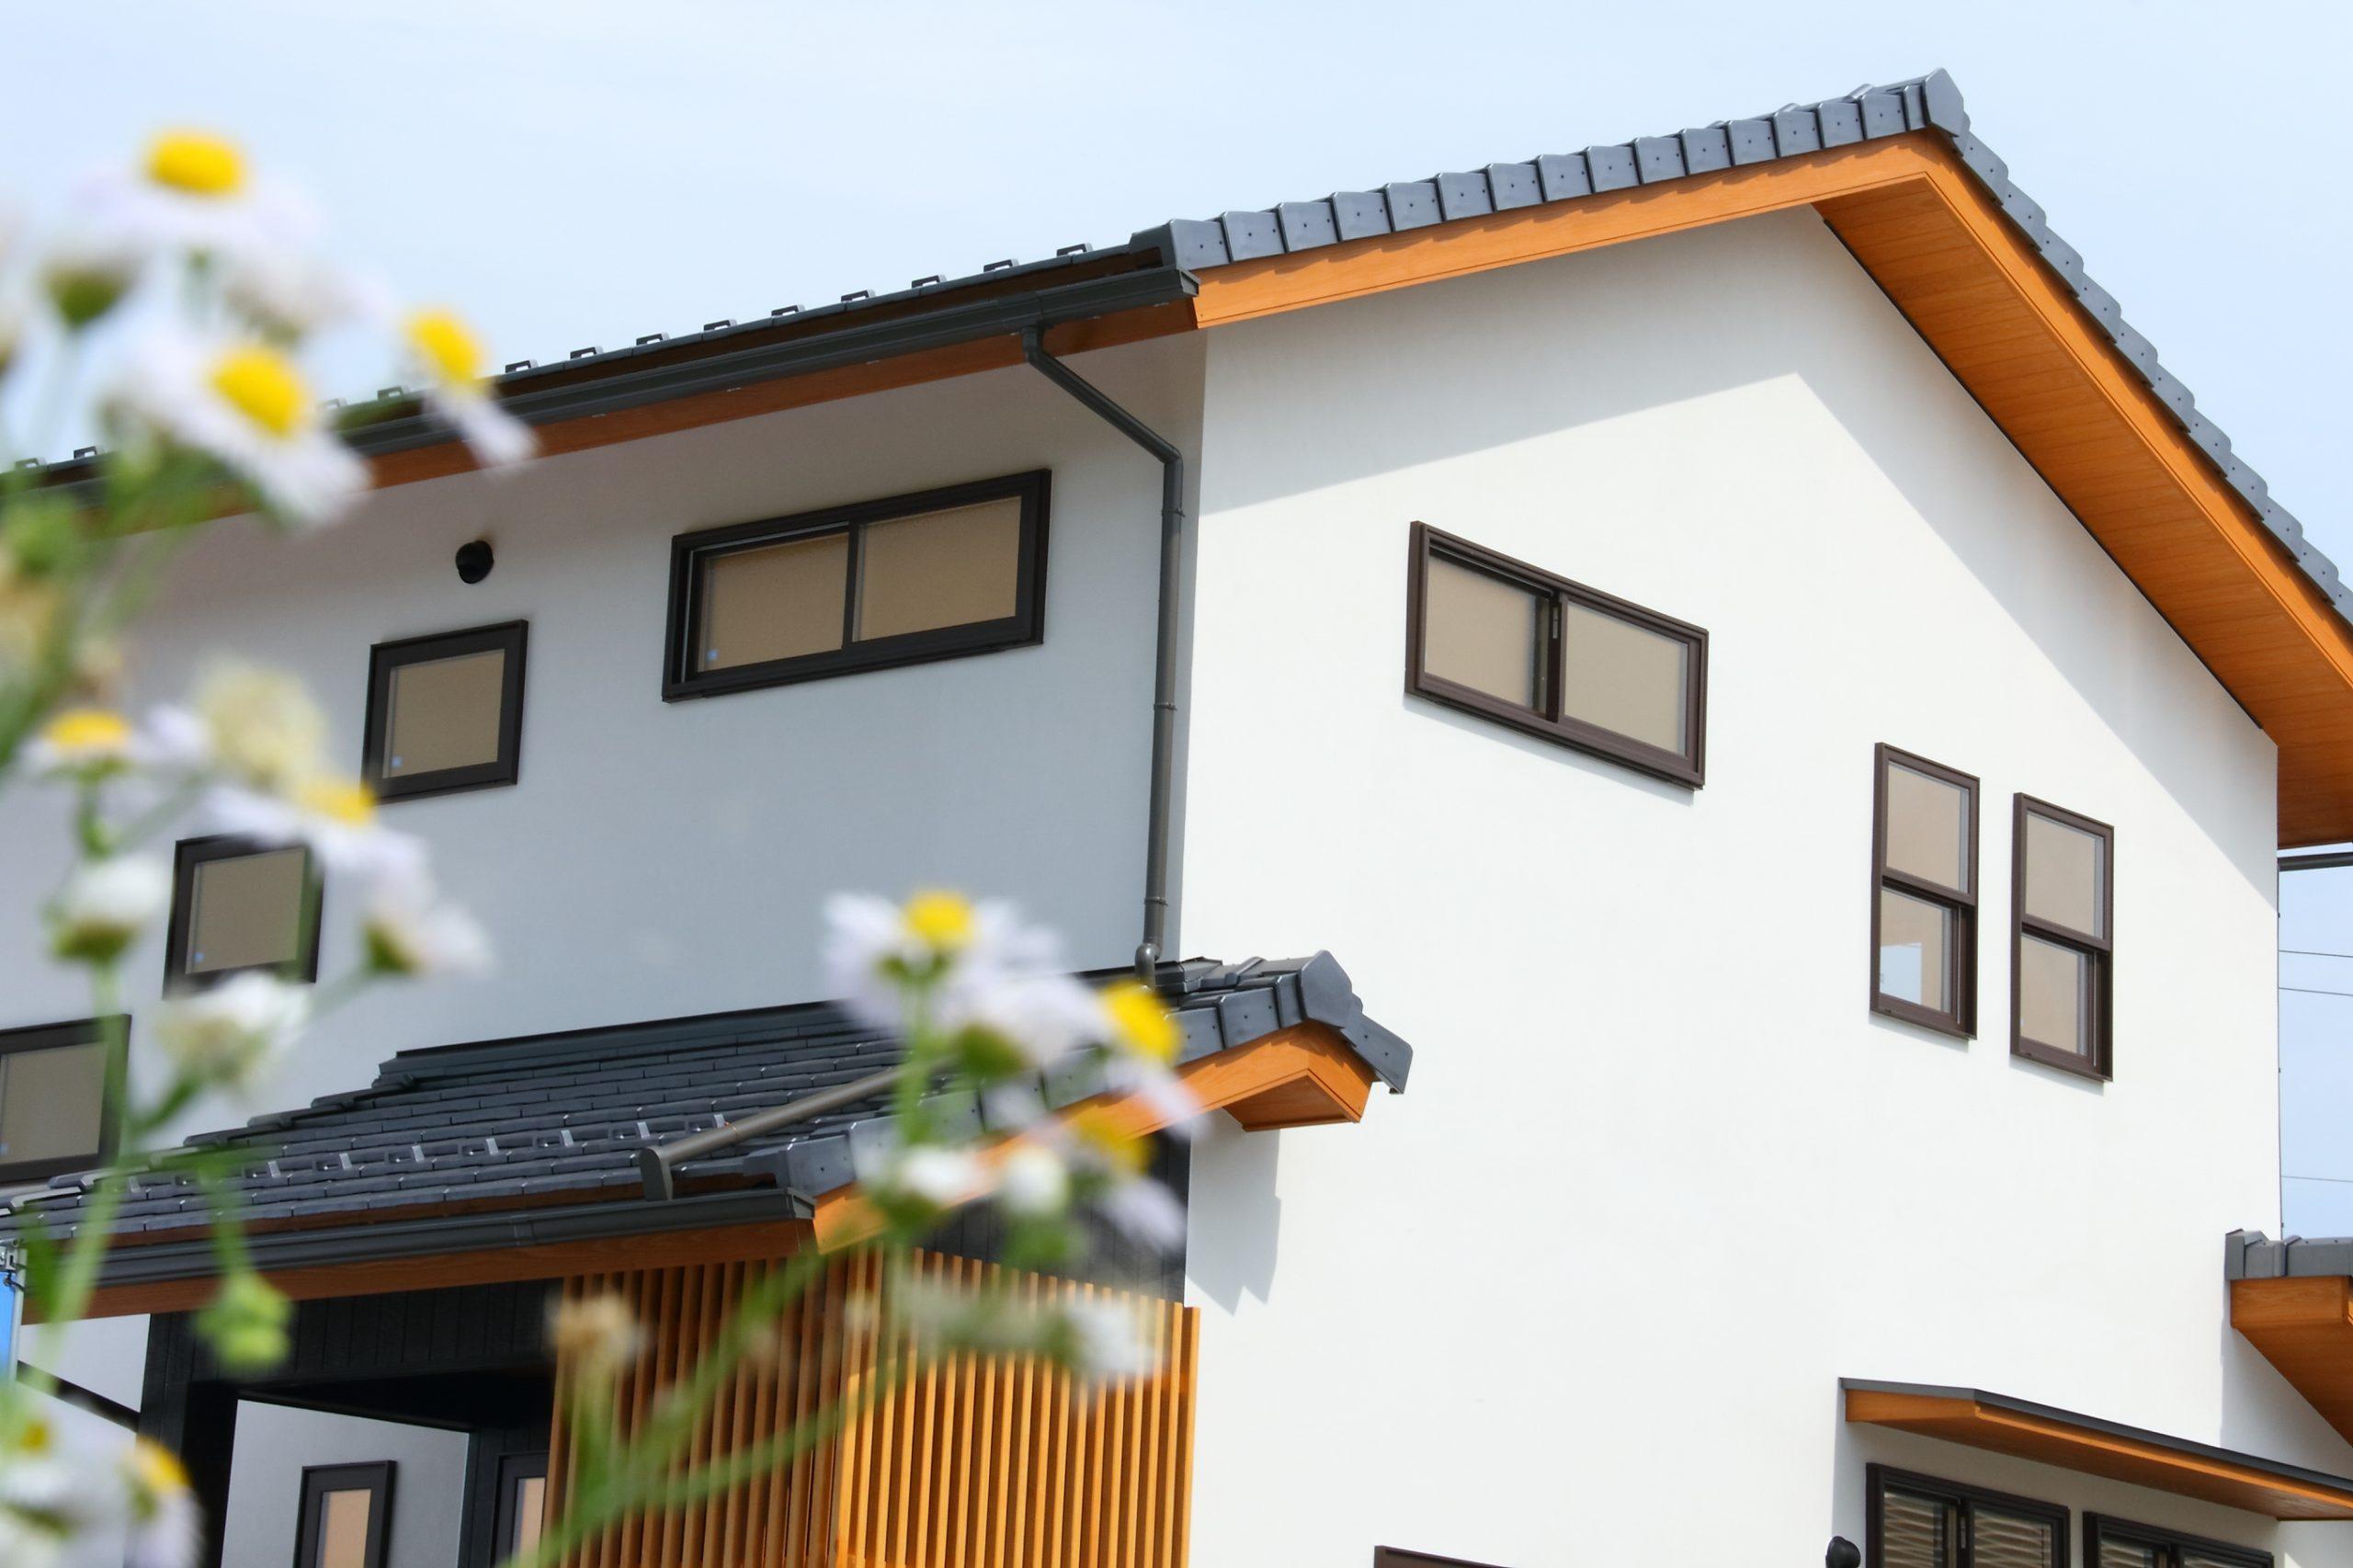 のどかな田園風景に佇む風流な住宅